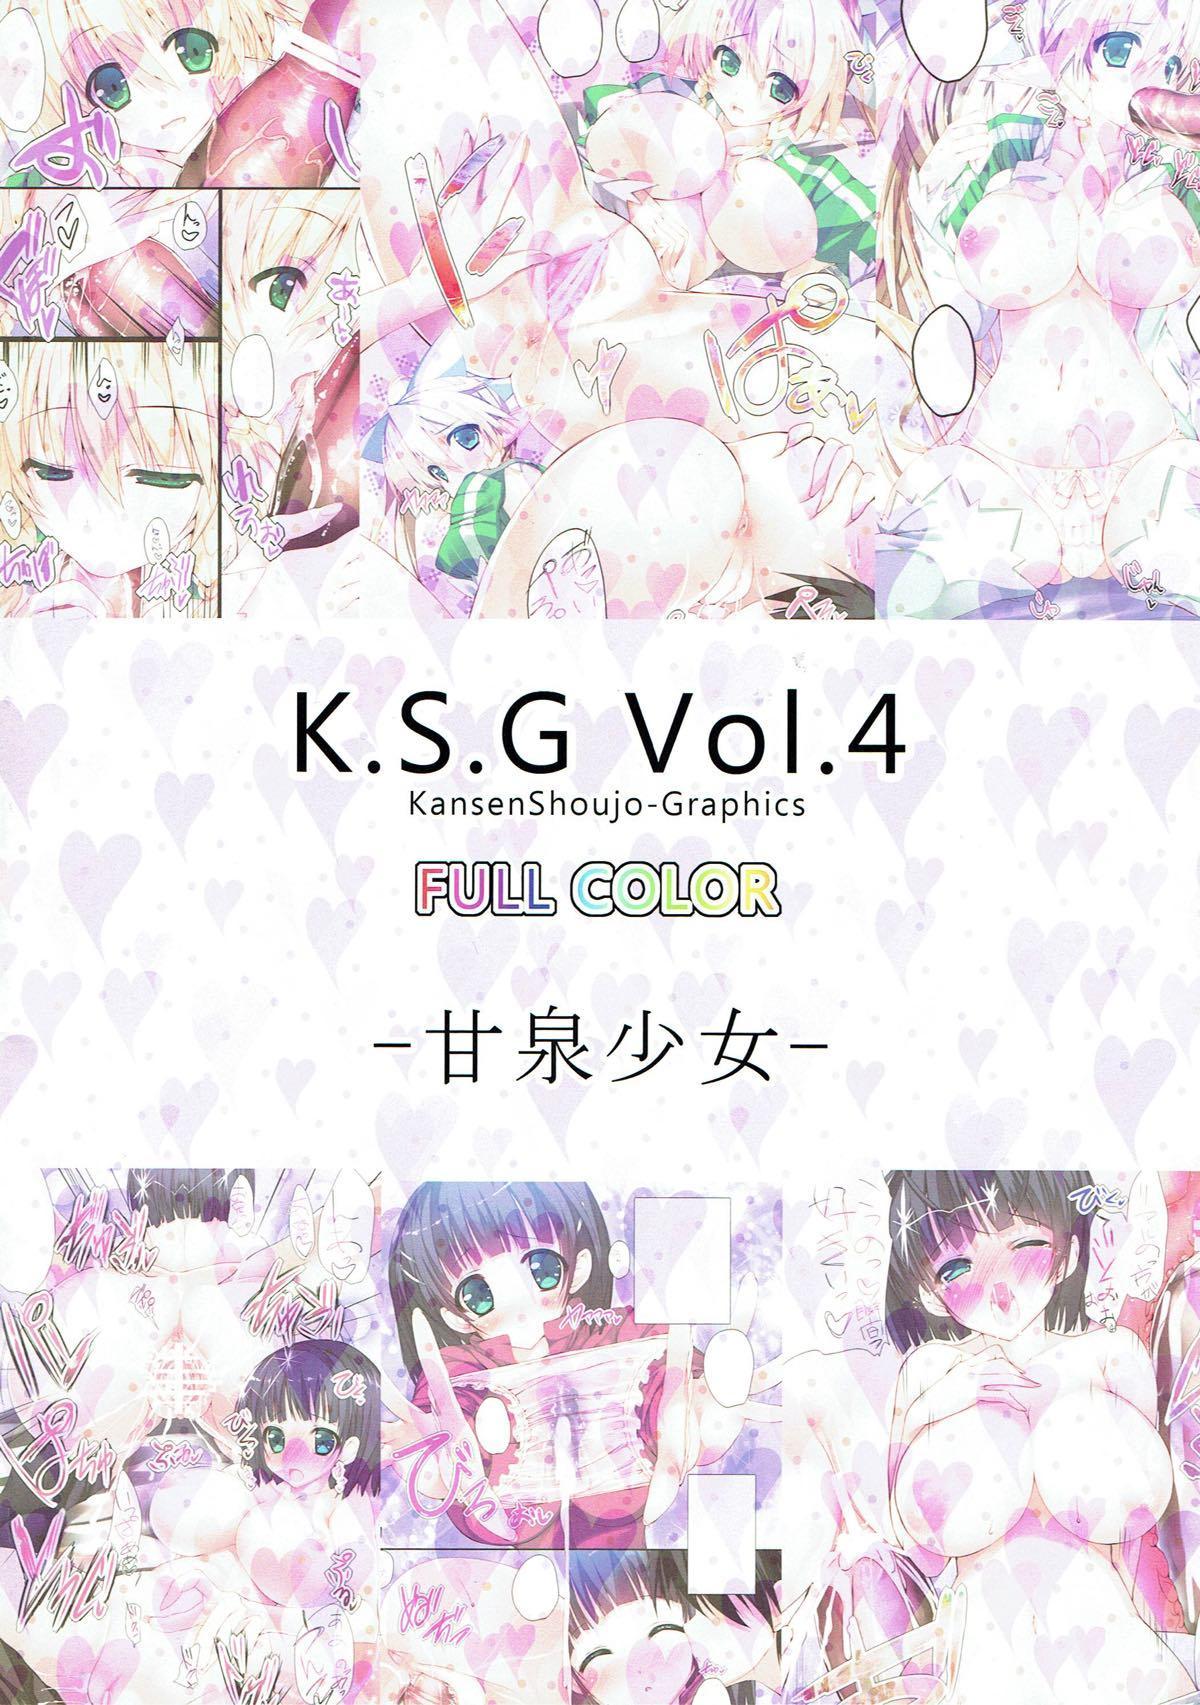 K.S.G Vol. 4 15